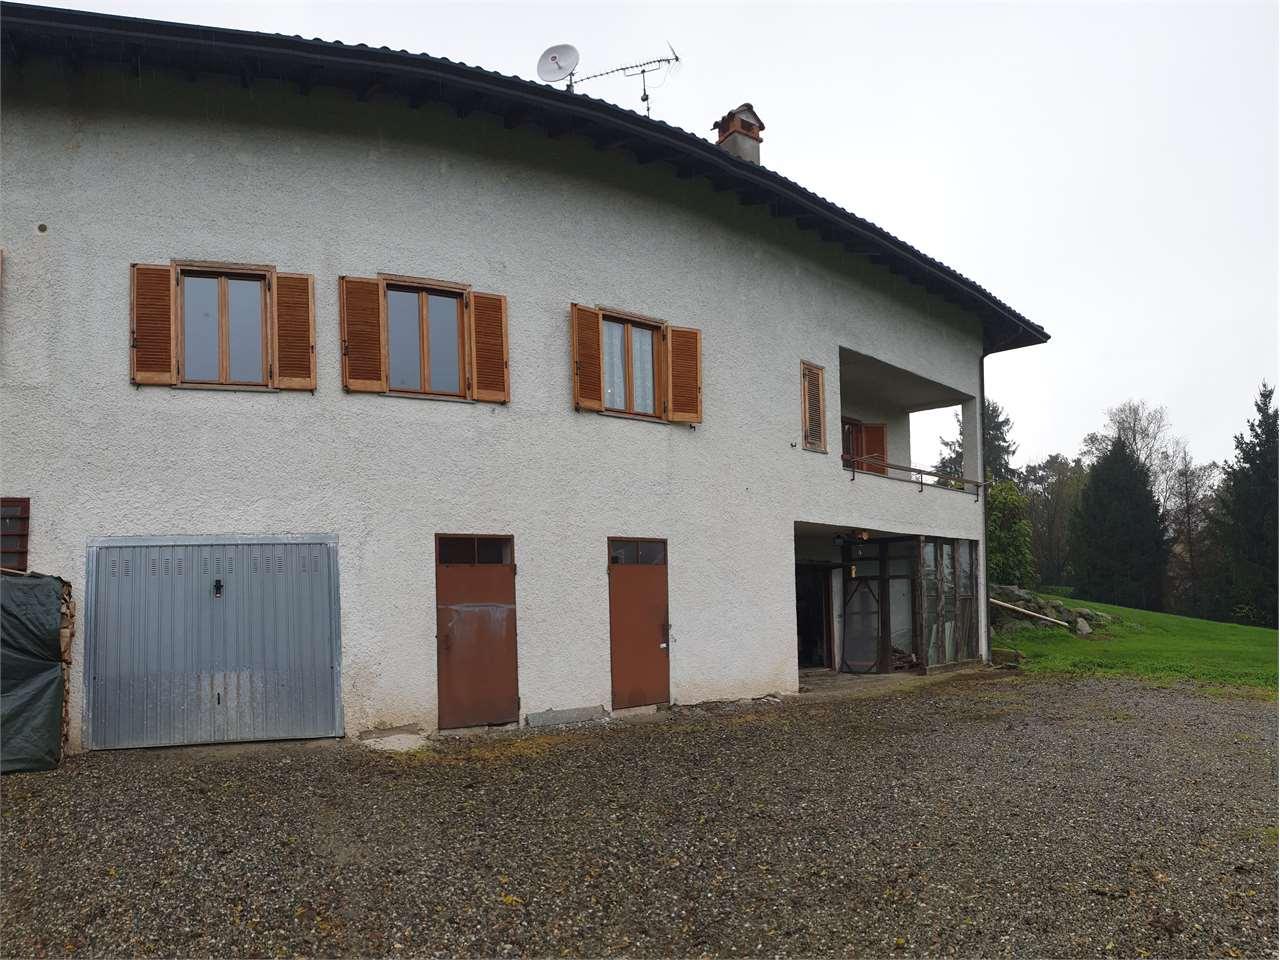 Appartamento in vendita a Agrate Conturbia, 4 locali, prezzo € 250.000 | CambioCasa.it